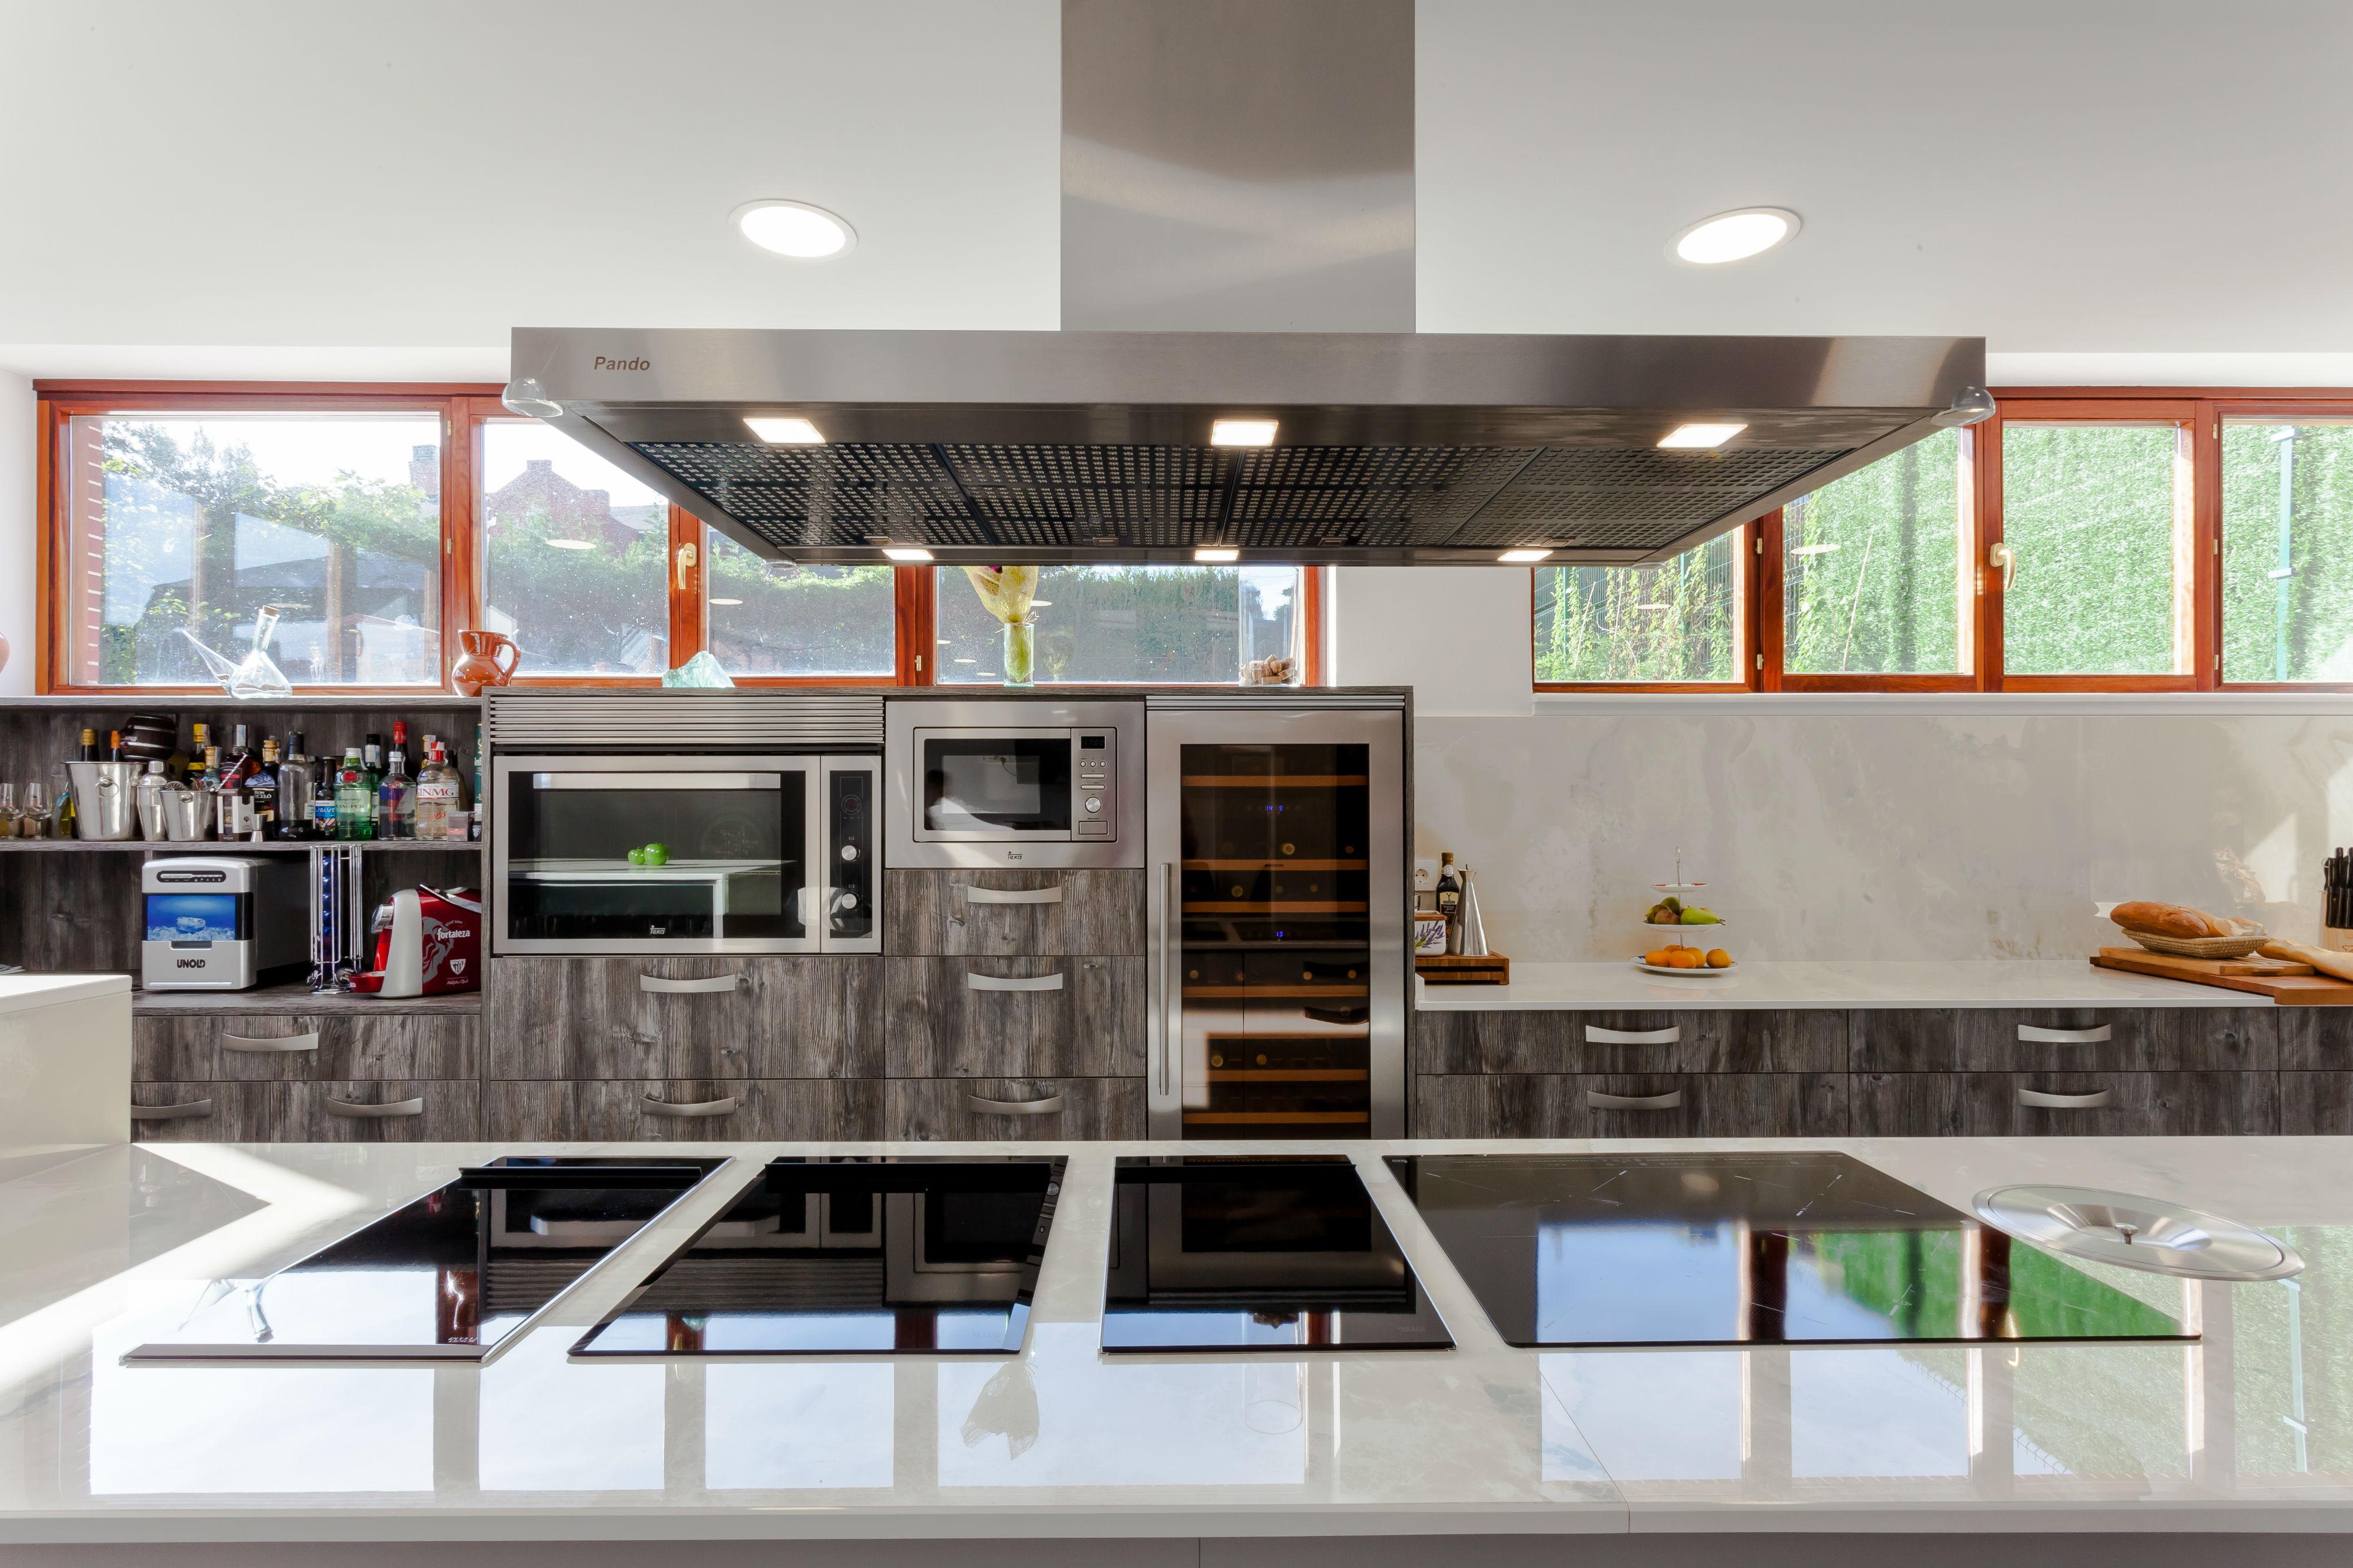 Zona de cocina de un txoko reformado en Algorta.